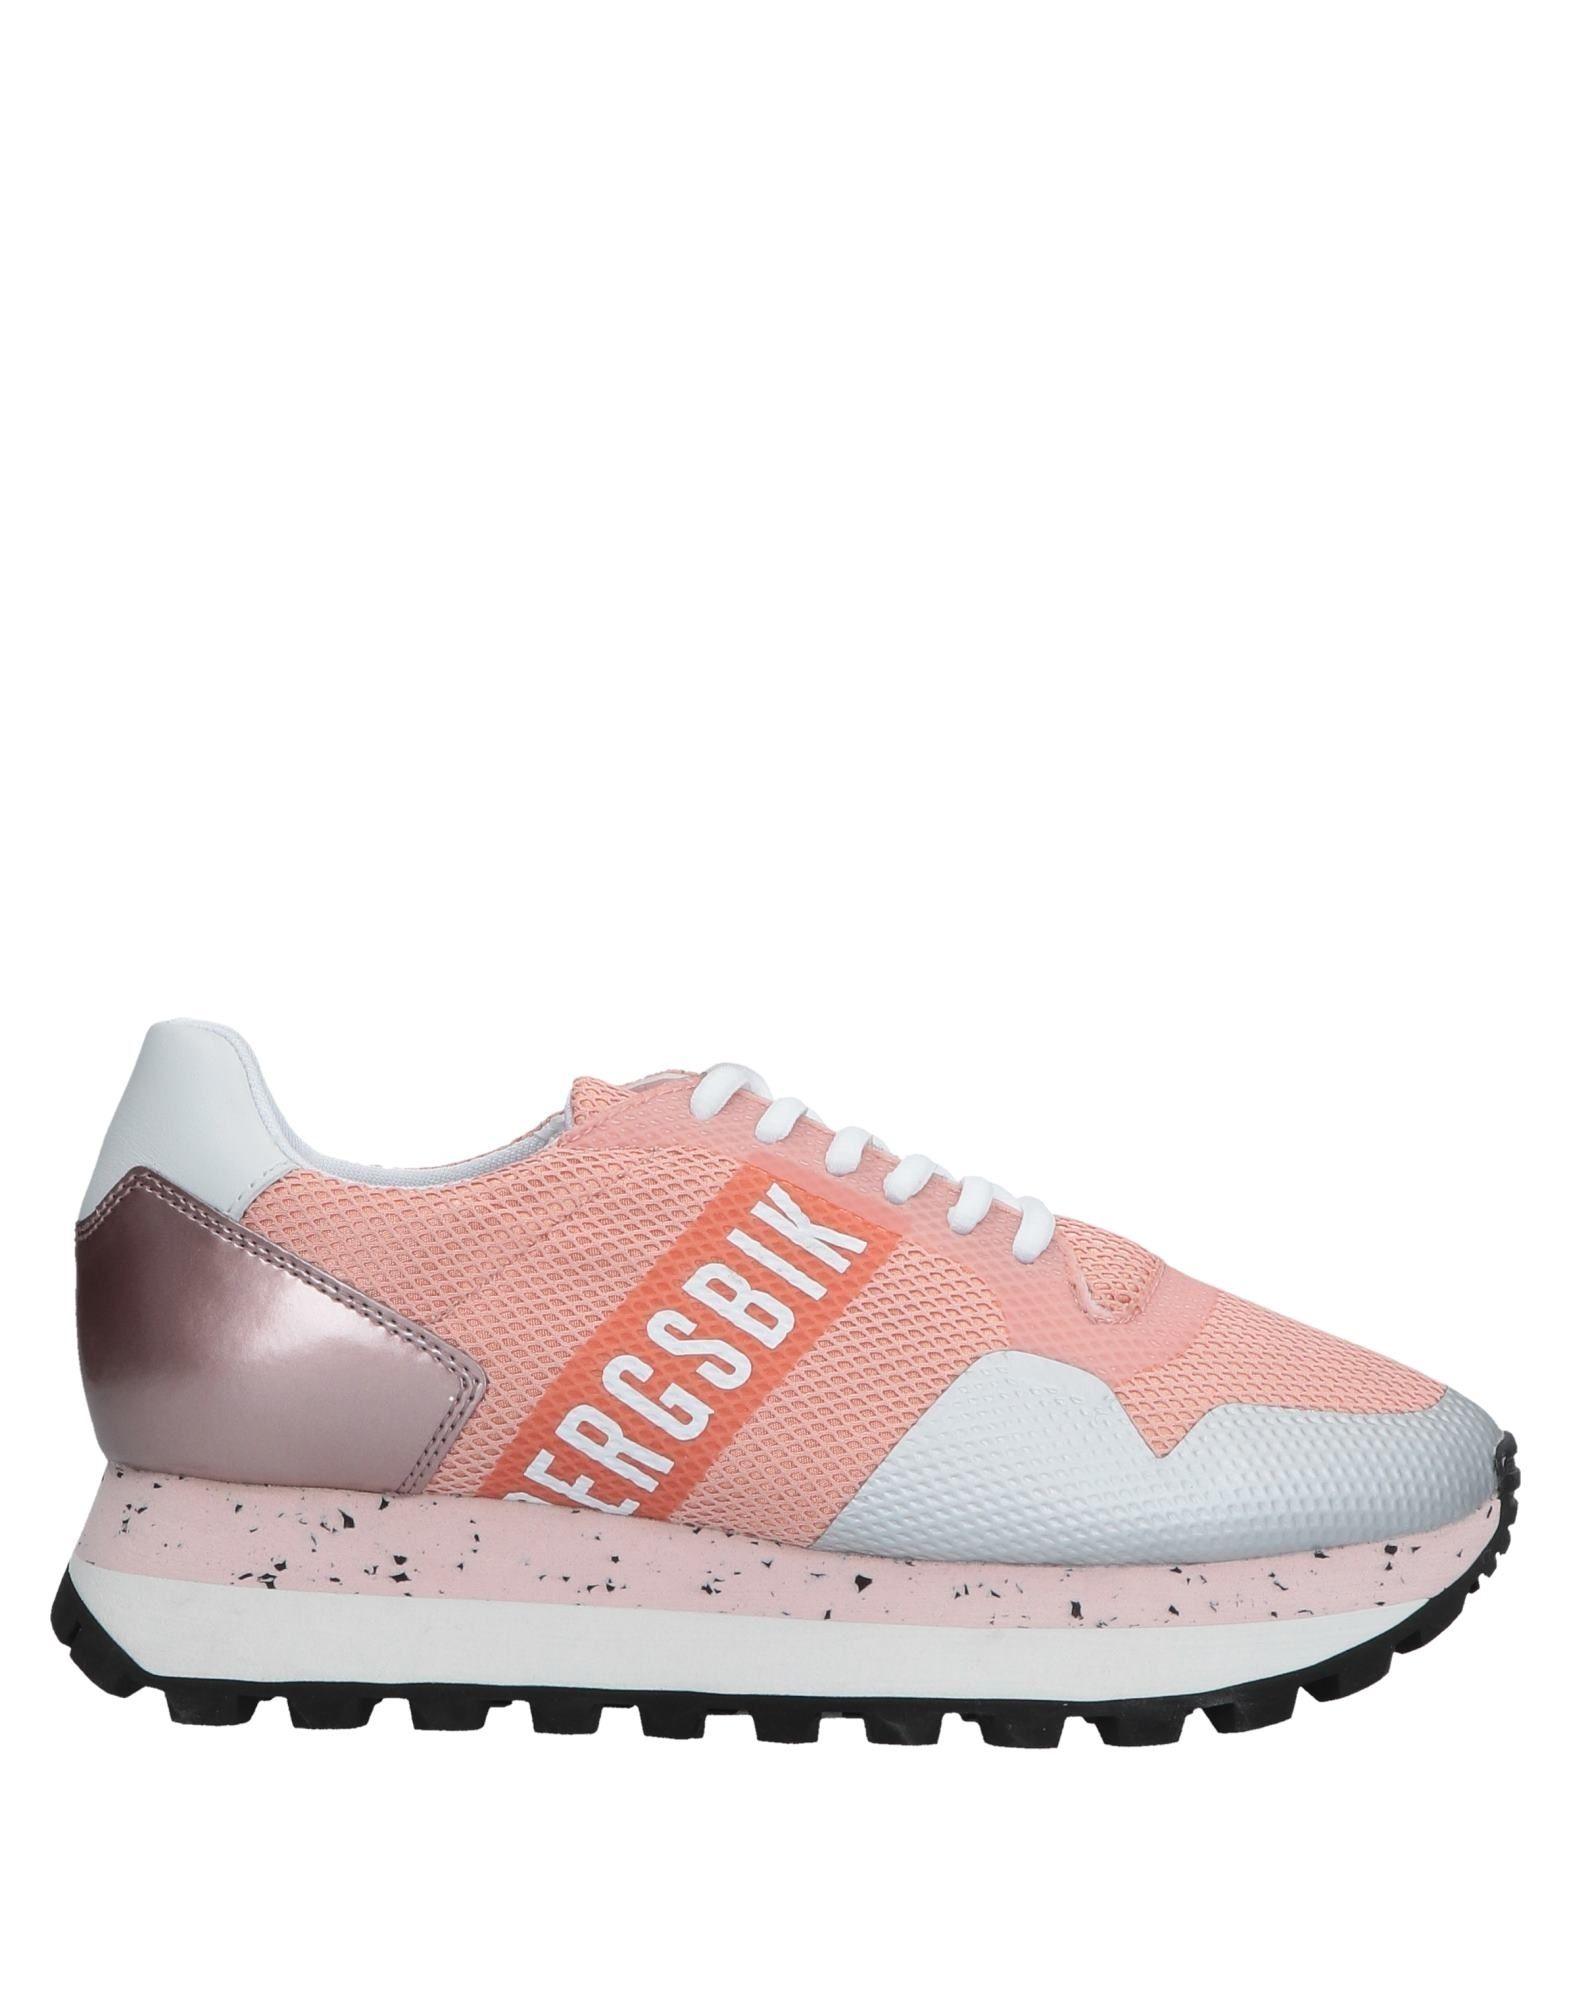 Baskets Bikkembergs Femme - chaussures Baskets Bikkembergs Saumon Dernières chaussures - discount pour hommes et femmes a74781